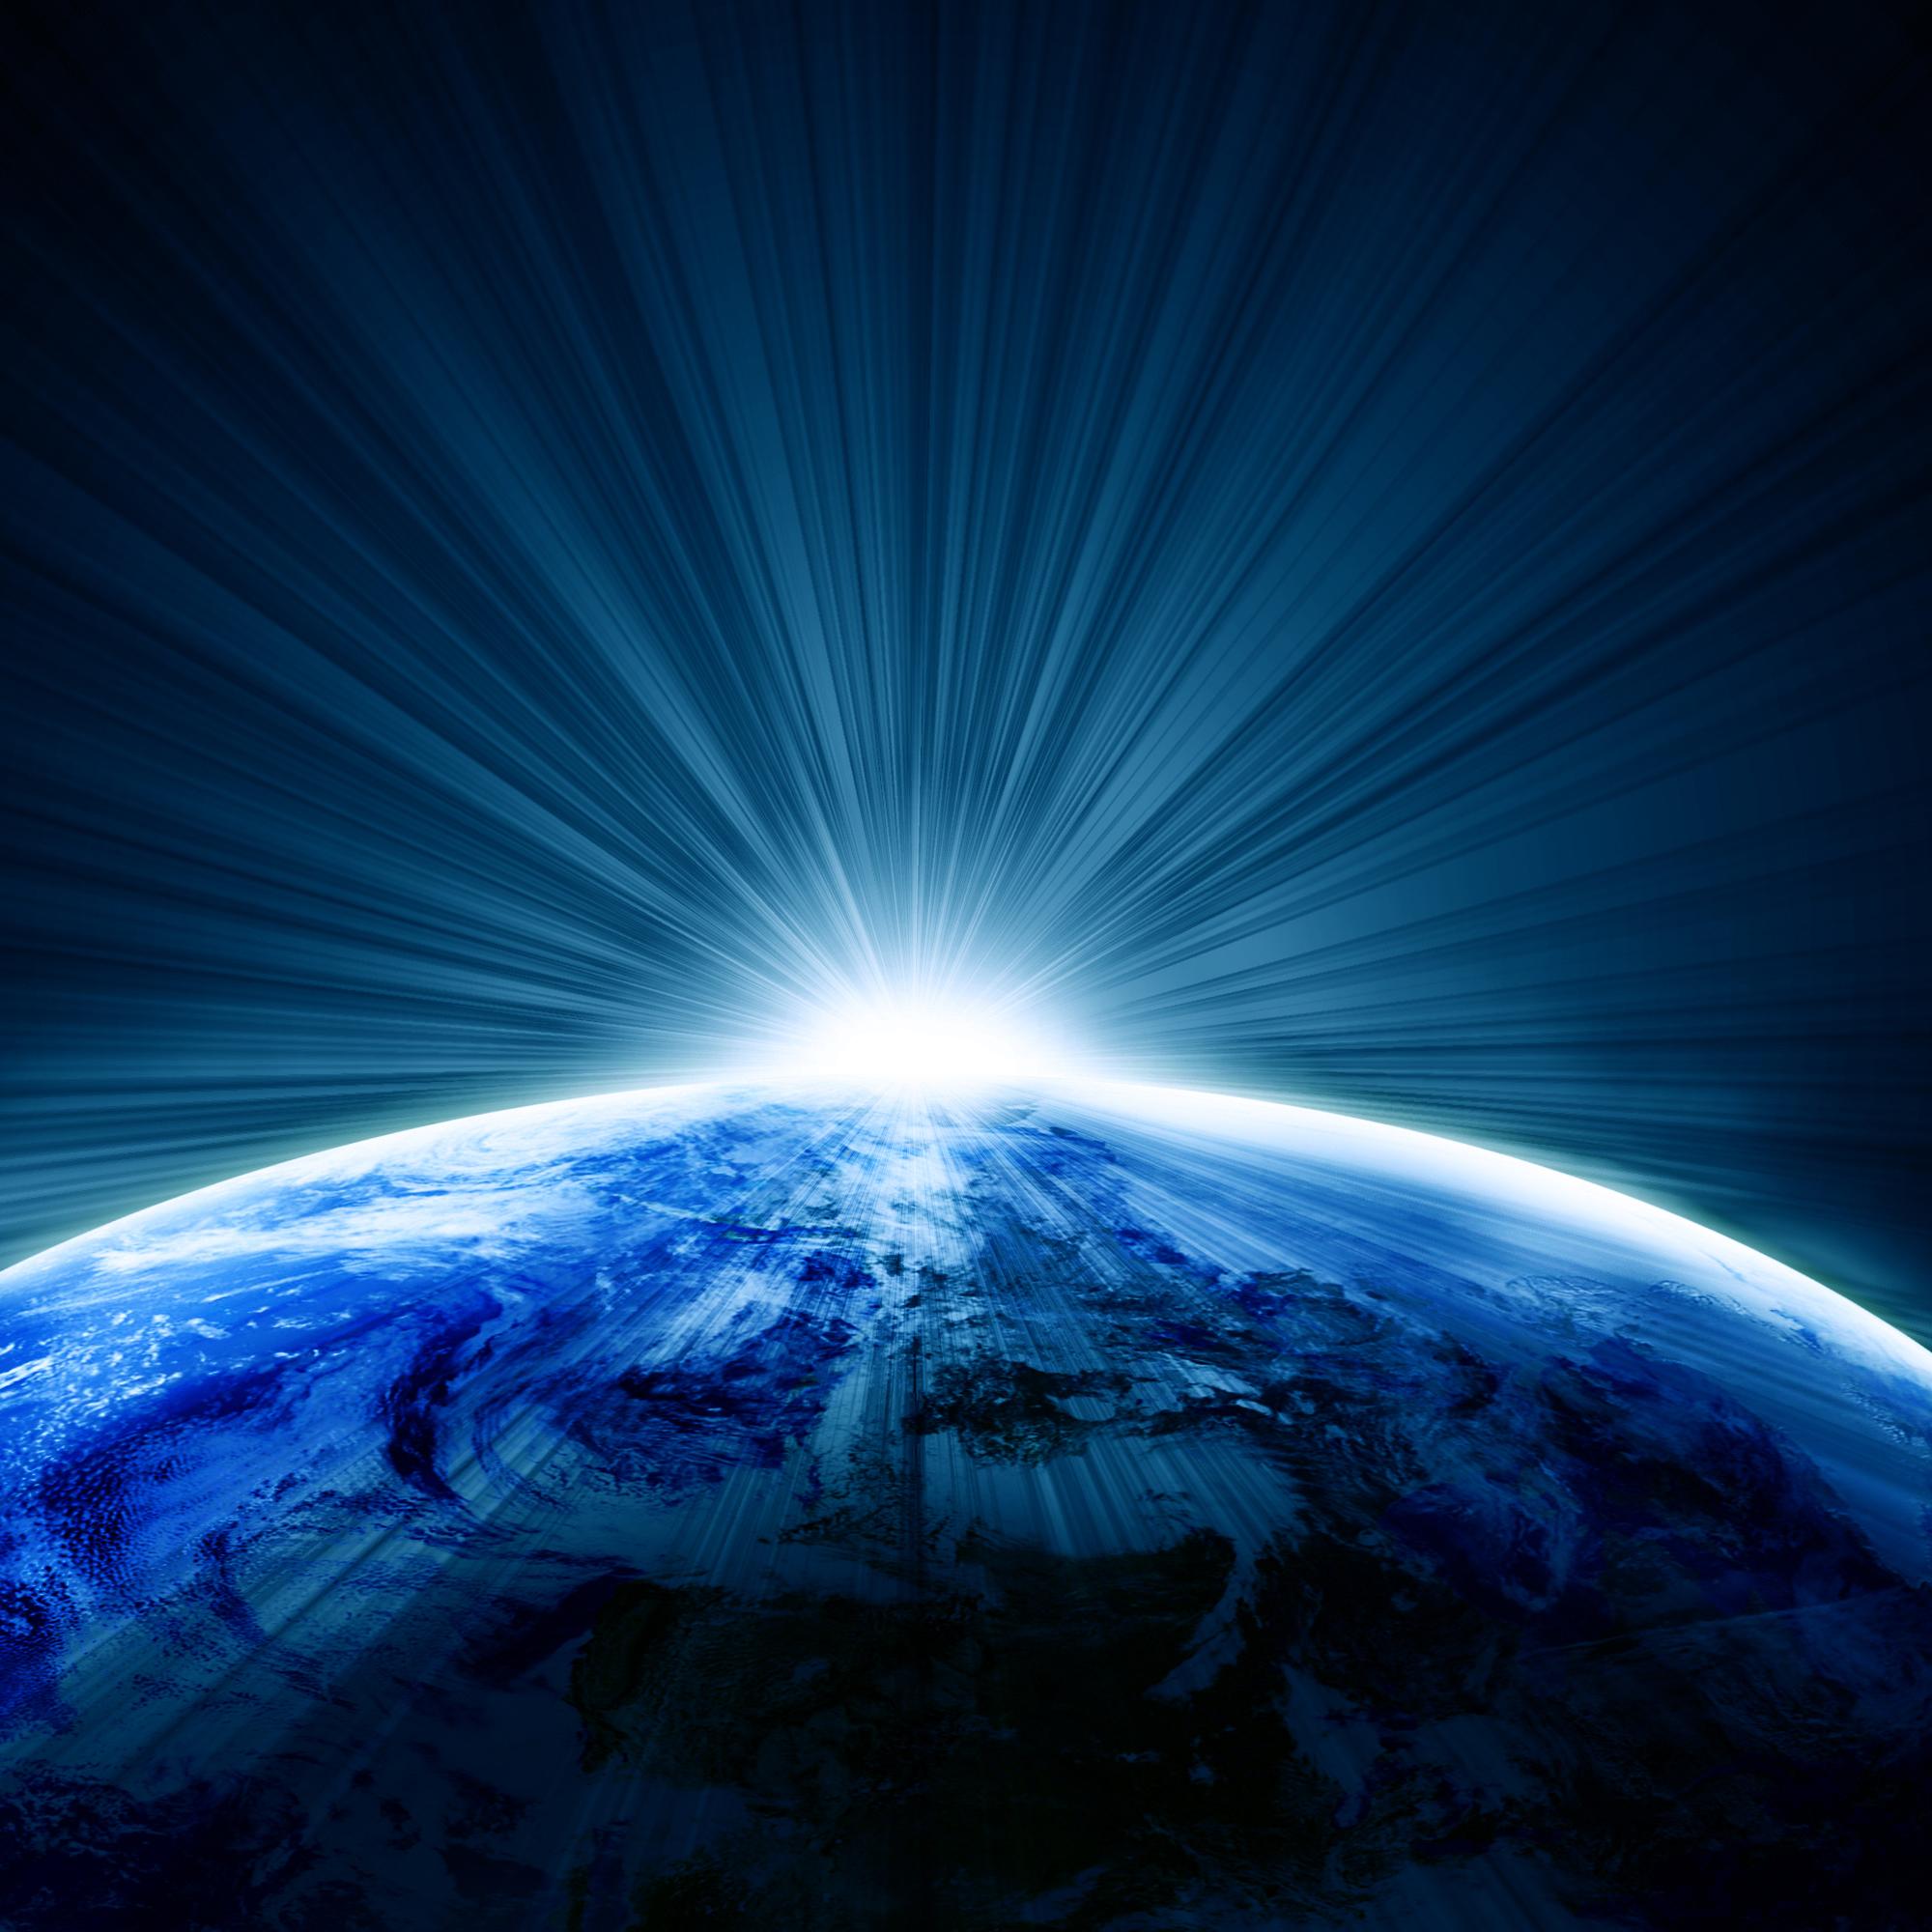 地球太空光影效果图片素材,地球,太空,光影效果图片下载